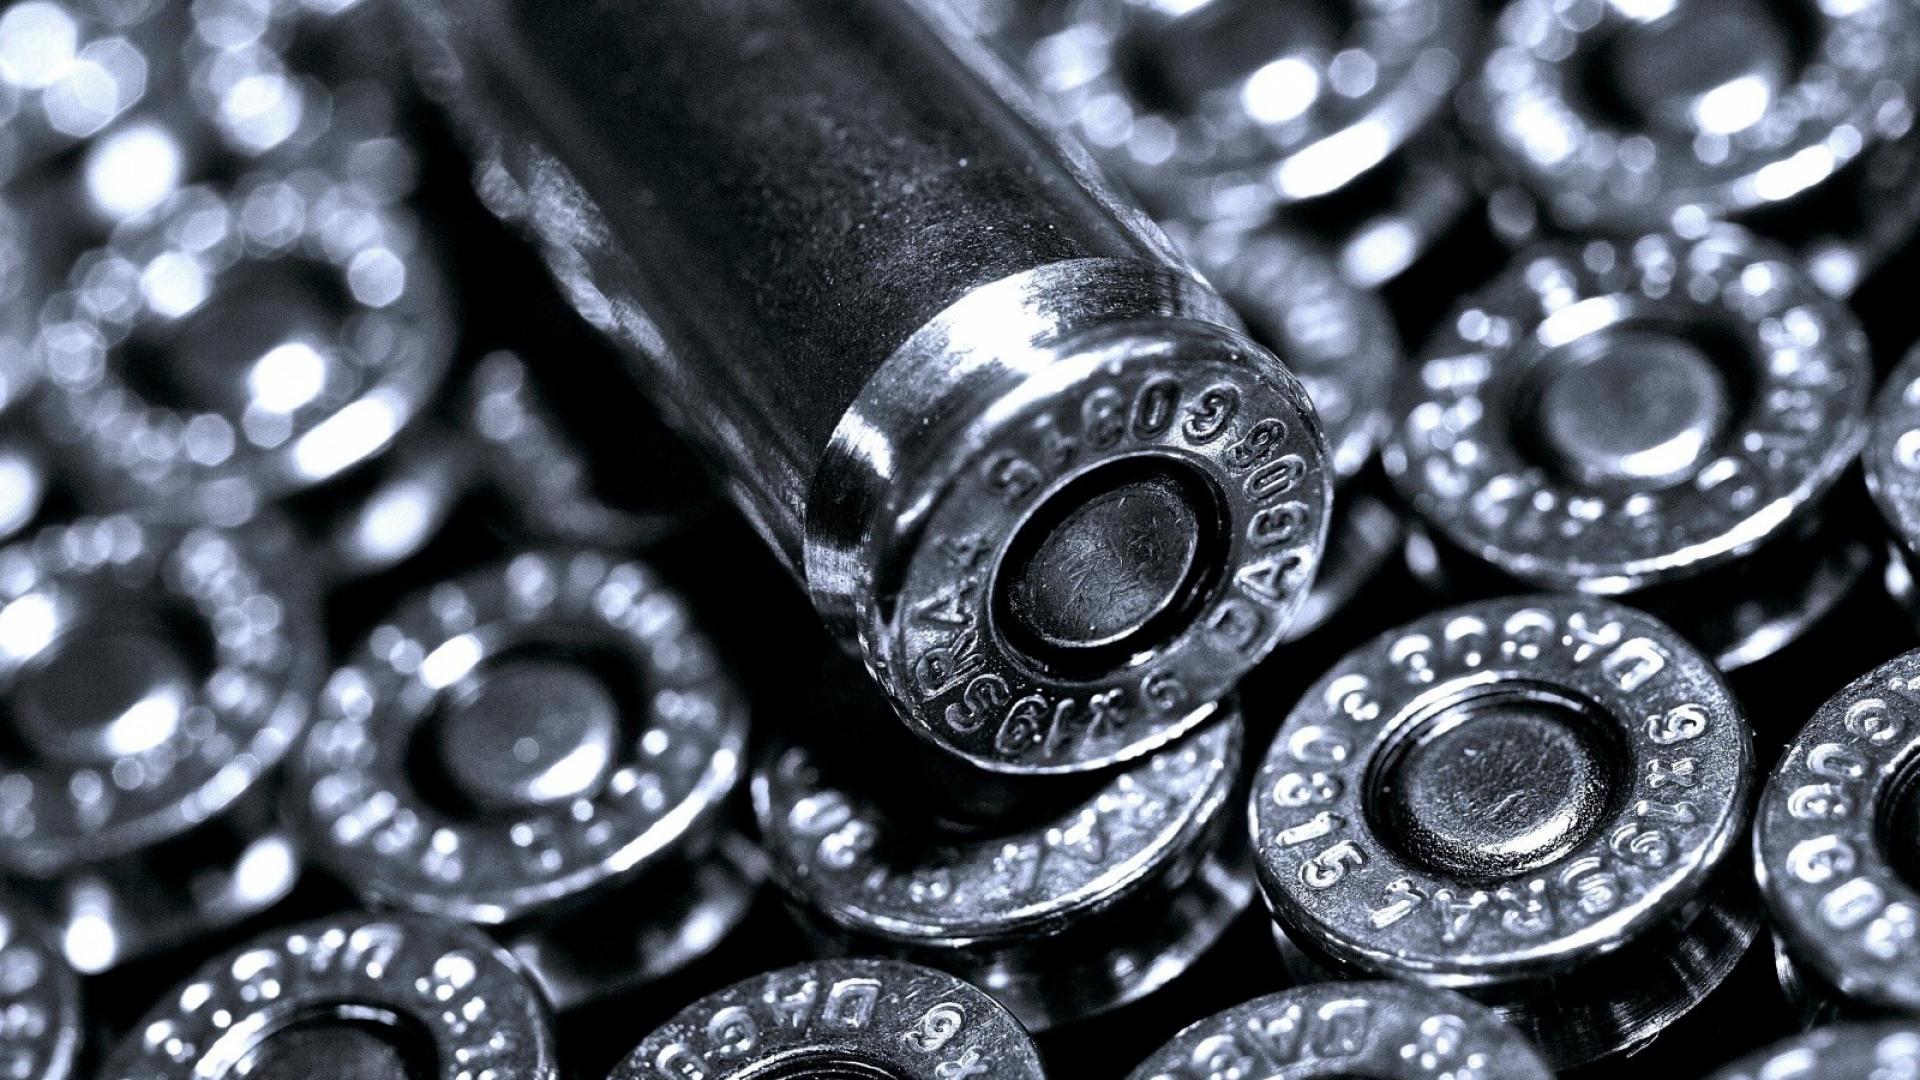 Free Download Bullets Metal Black White Silver Wallpaper